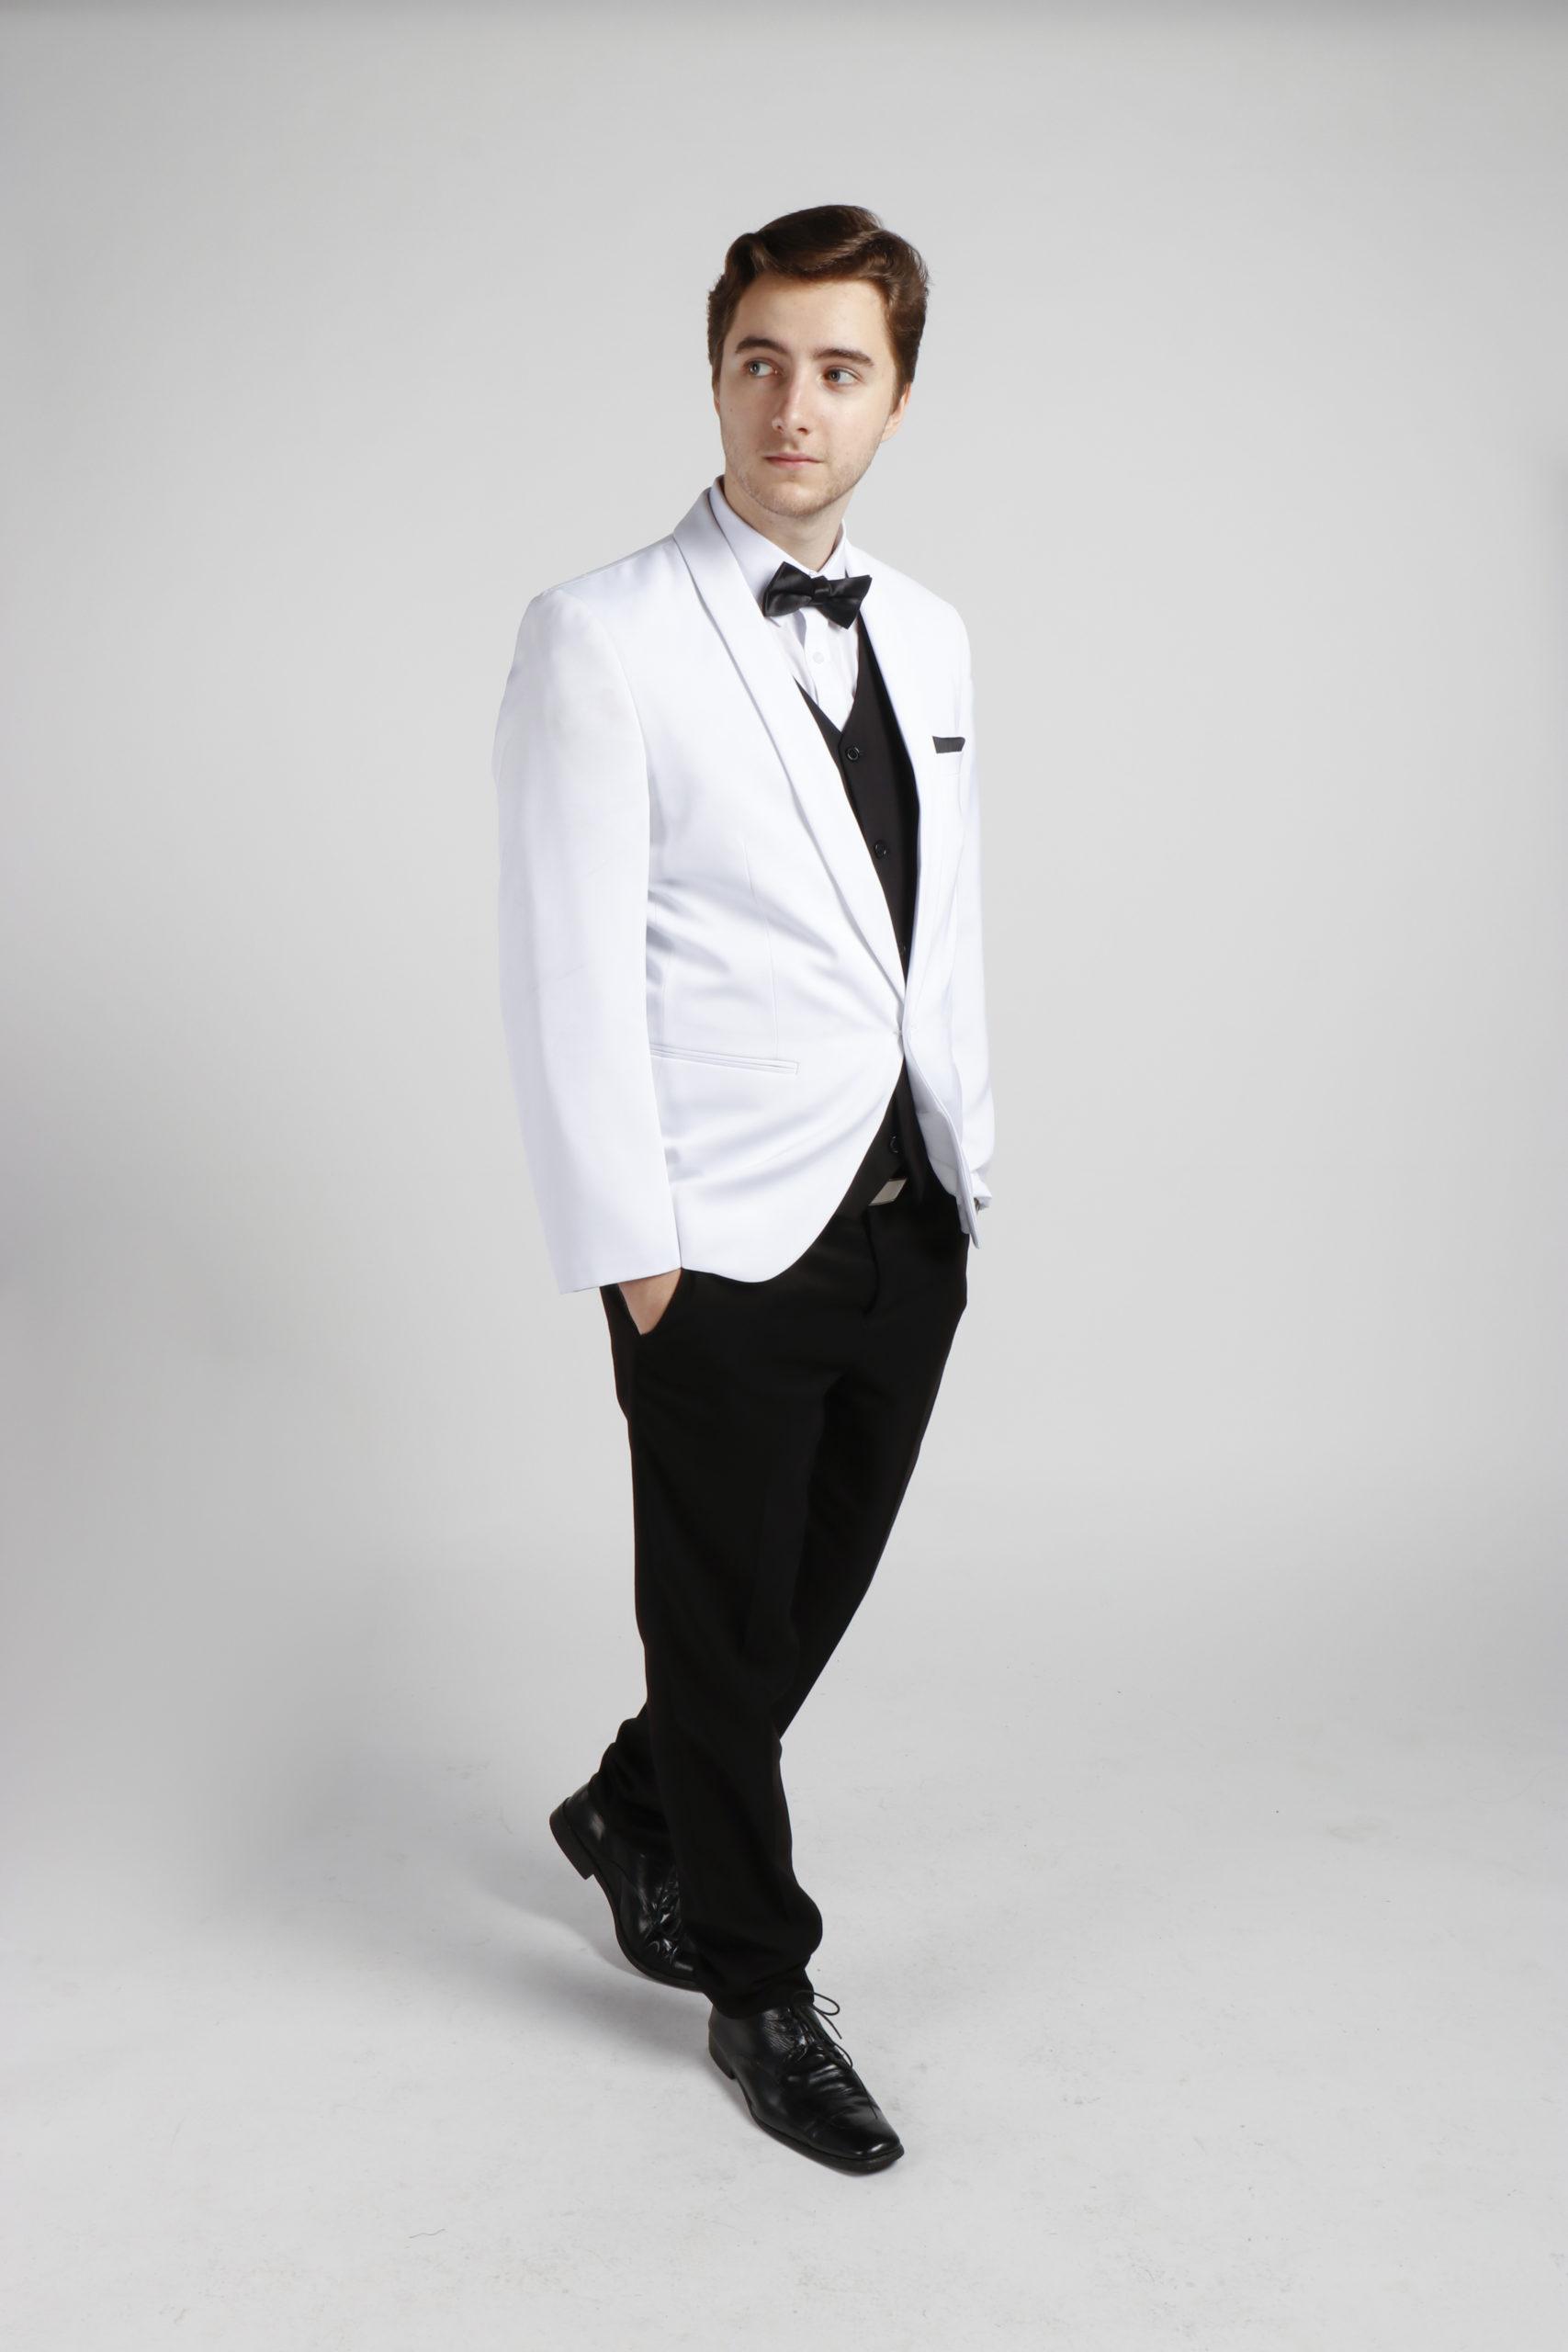 White Tuxedo Hire